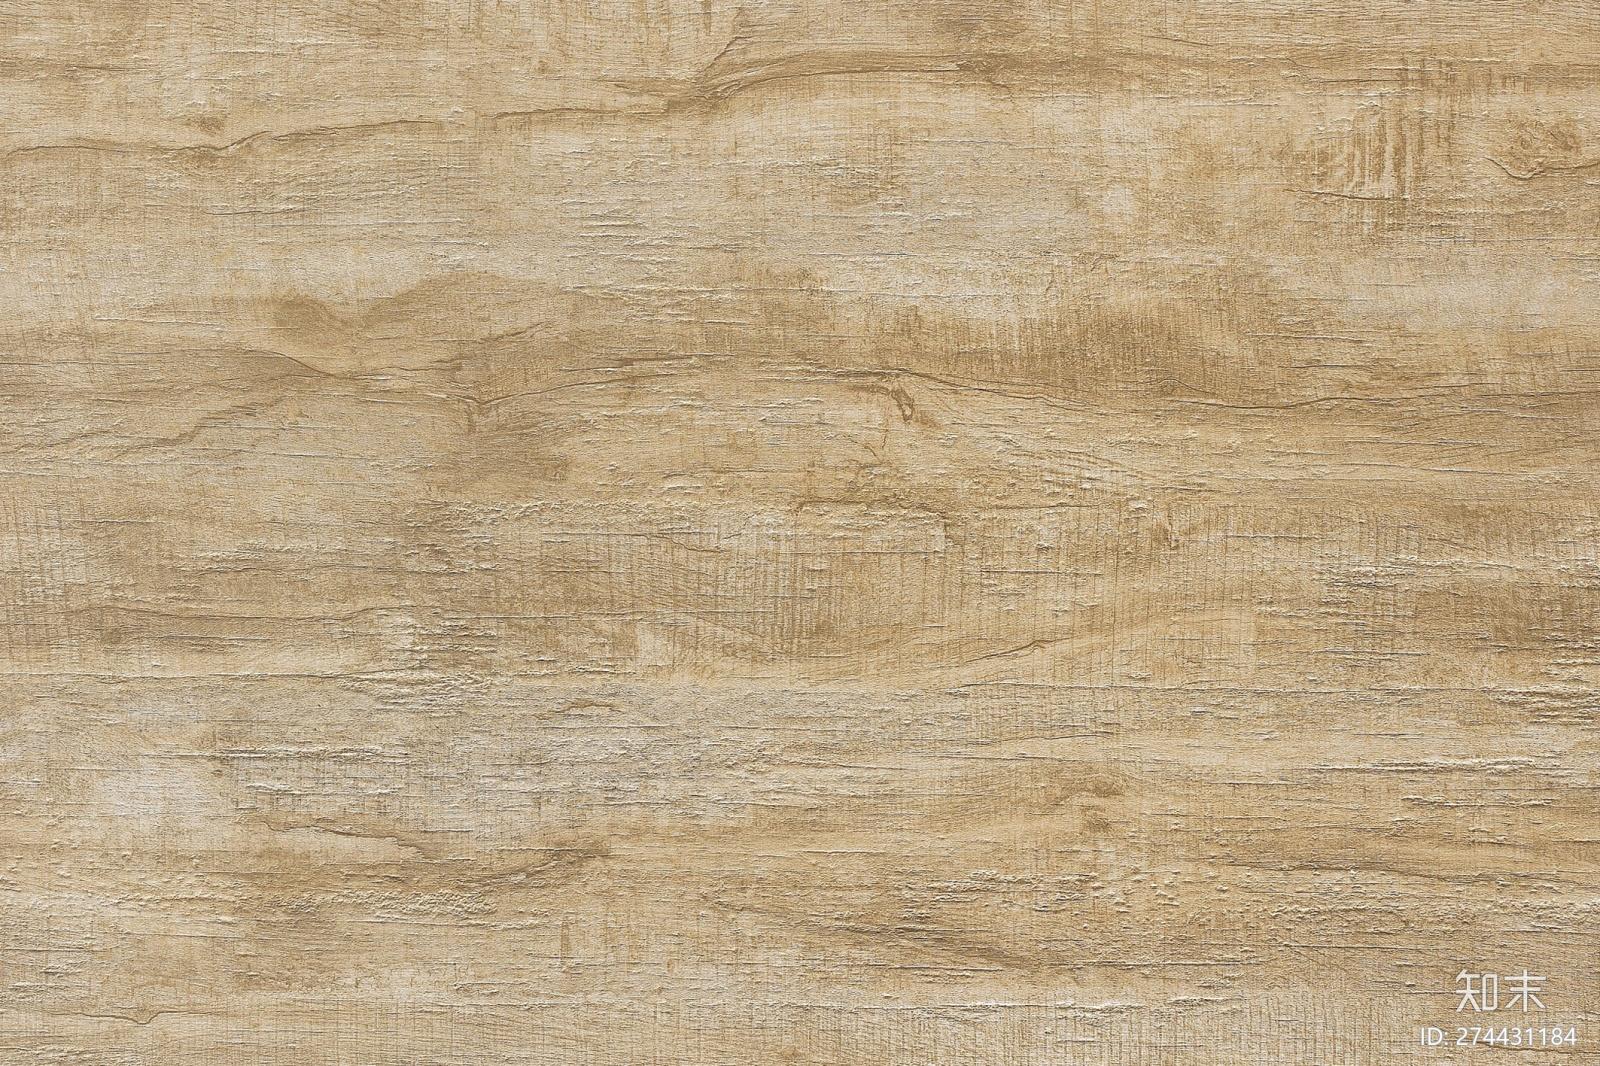 金科天然瓷木(3)贴图下载【ID:274431184】